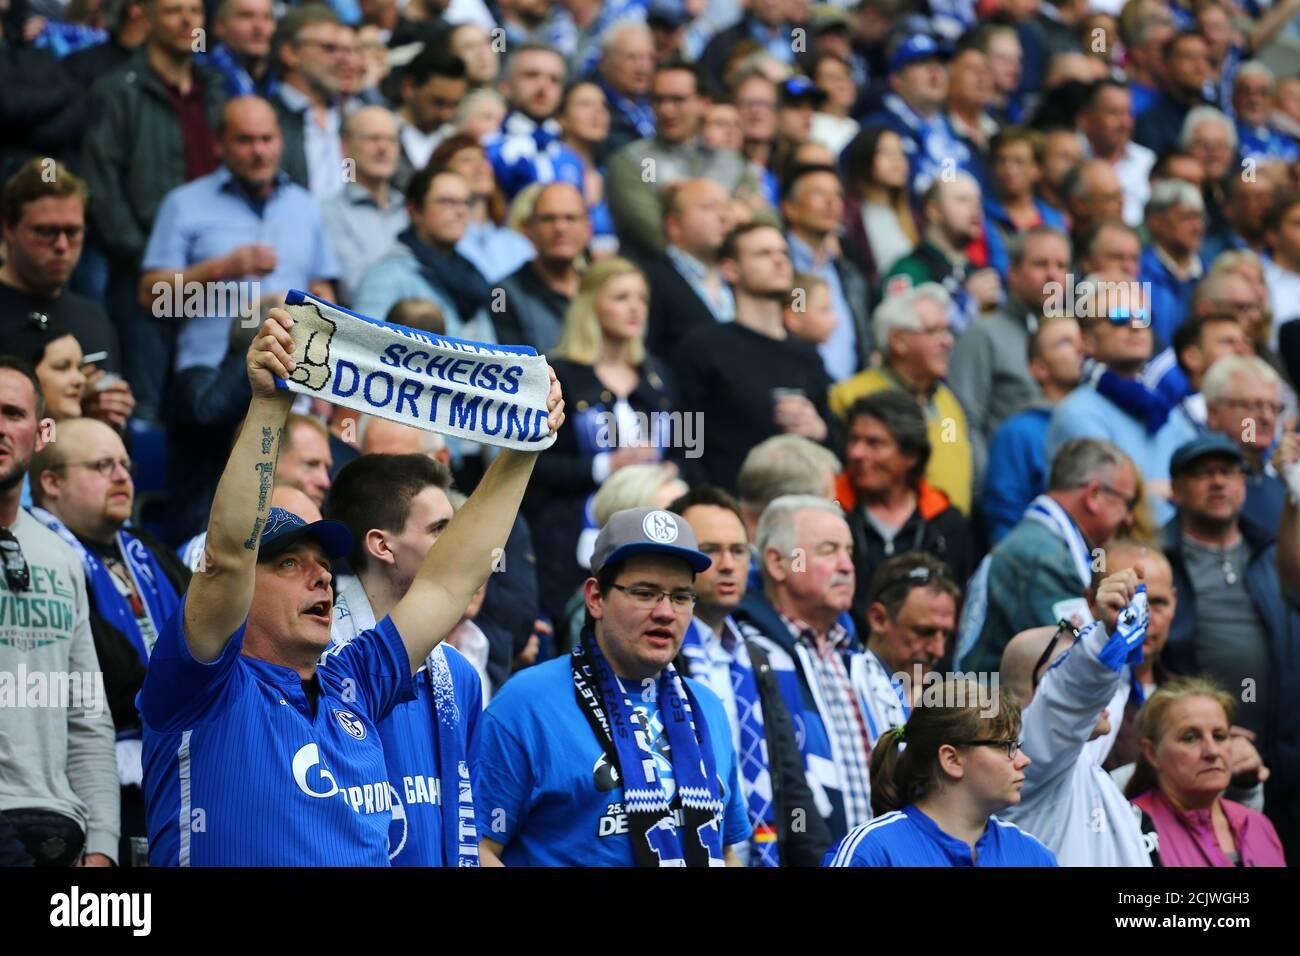 Calcio Calcio - Bundesliga - Schalke 04 vs Borussia Dortmund - Veltins-Arena, Gelsenkirchen, Germania - 15 aprile 2018 tifosi di Schalke REUTERS/Wolfgang Rattay DFL REGOLA PER LIMITARE L'UTILIZZO ONLINE DURANTE IL TEMPO DI PARTITA A 15 IMMAGINI PER PARTITA. LE SEQUENZE DI IMMAGINI PER SIMULARE IL VIDEO NON SONO CONSENTITE IN NESSUN MOMENTO. PER ULTERIORI DOMANDE, CONTATTARE DFL DIRETTAMENTE AL NUMERO + 49 69 650050 Foto Stock